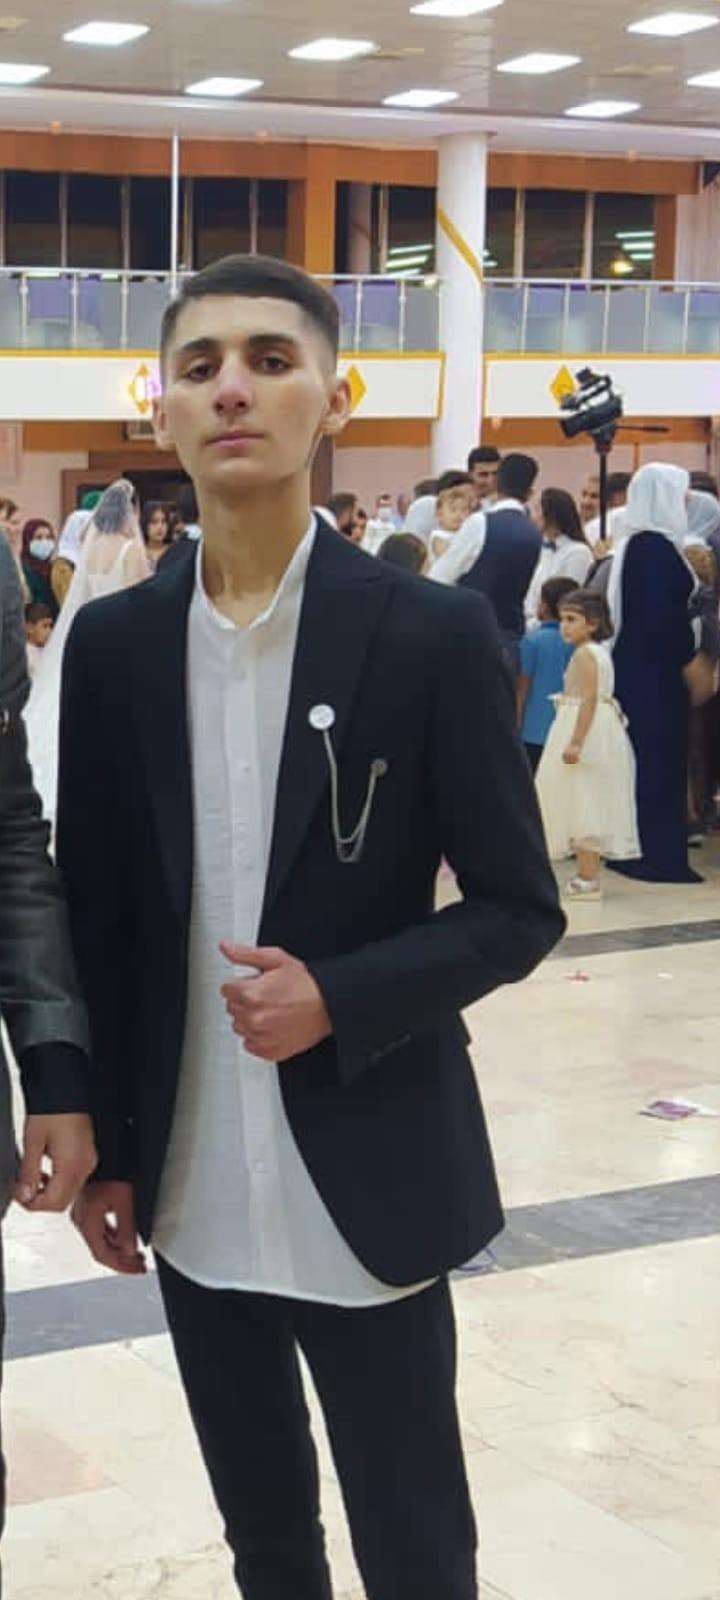 Mardin'de kayıp olan Ümüd Can Özden'den acı haber geldi